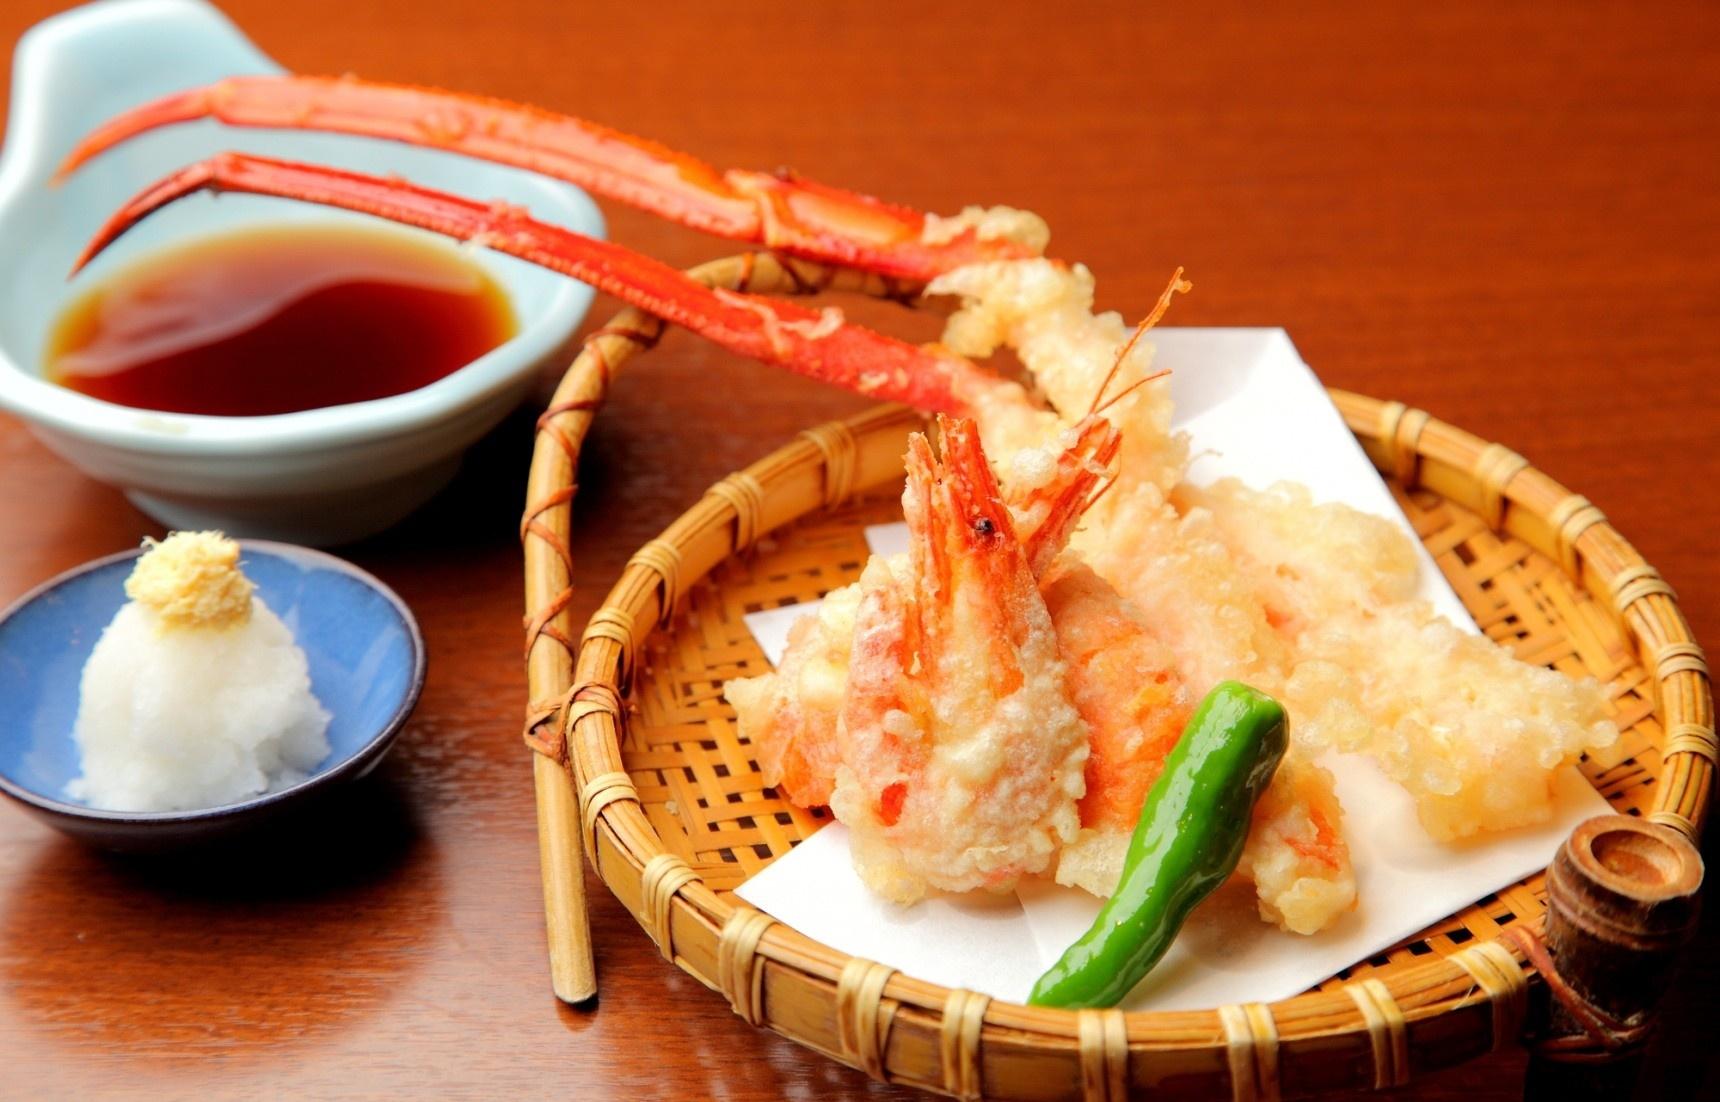 日本美食:万物皆可天妇罗!在家就能做出地道日料,还不快来试试